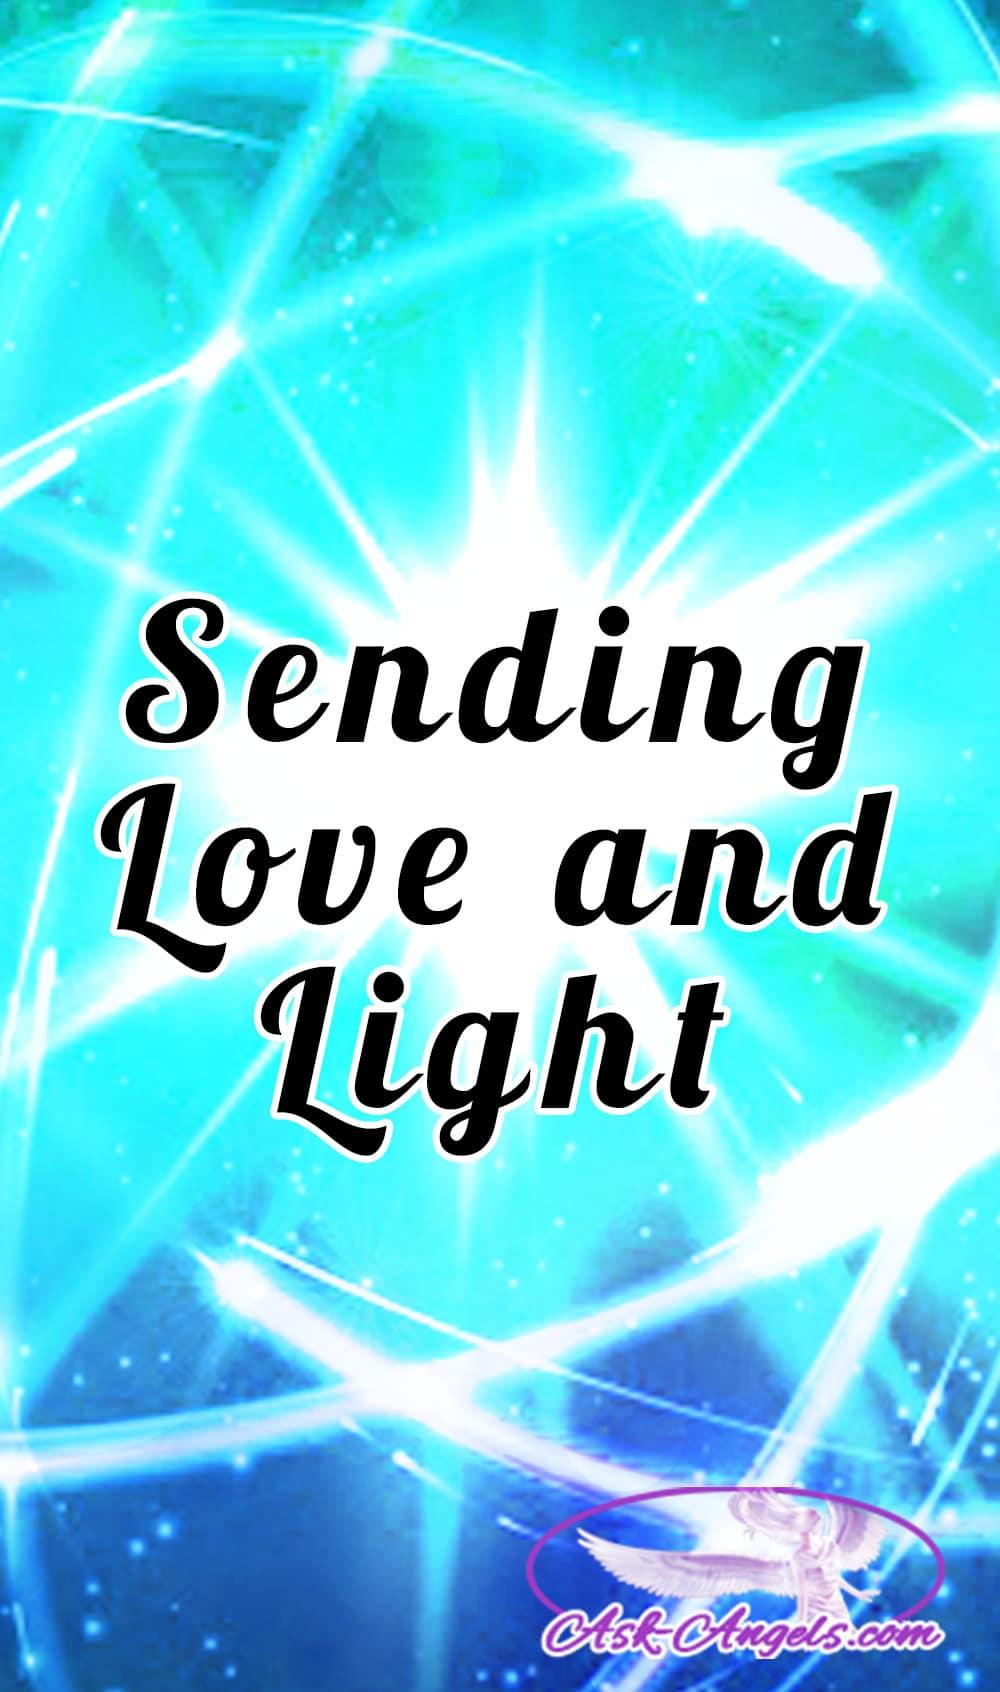 Sending Love and Light